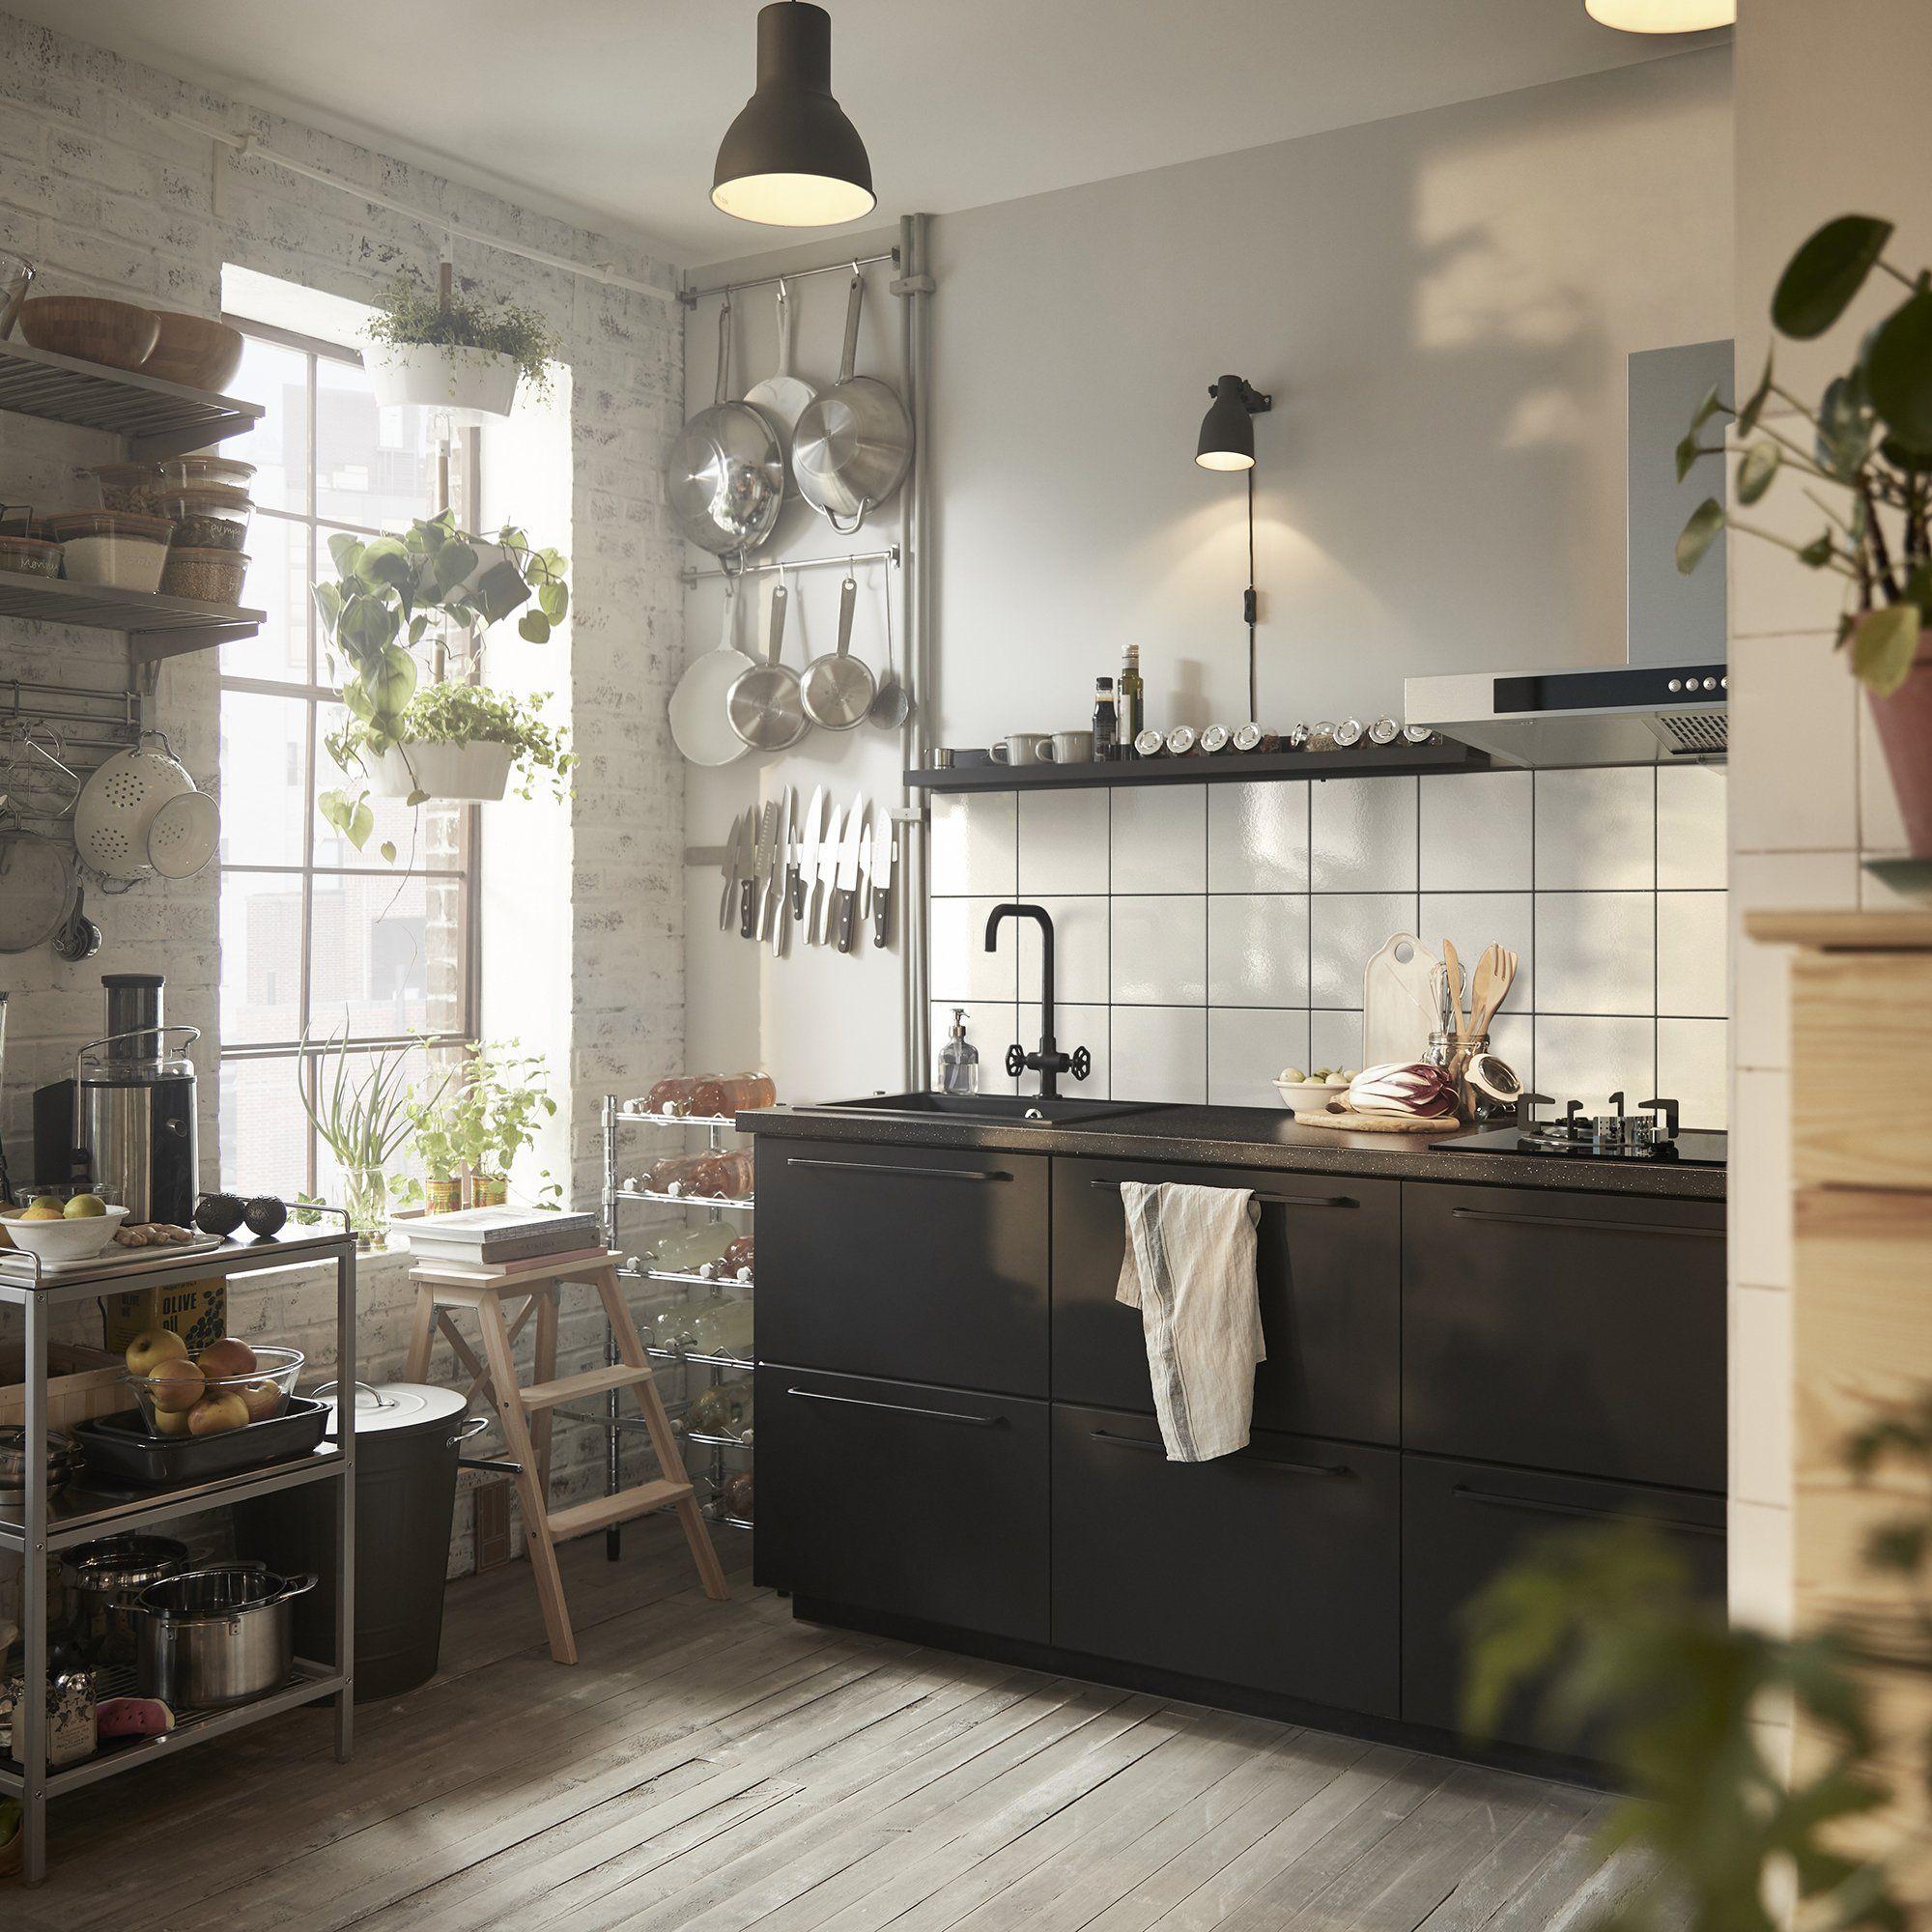 Catalogue Cuisine Ikea 2020 Decouvrez Vite Les Nouveautes Ikea Decoration Maison Meuble Pas Cher